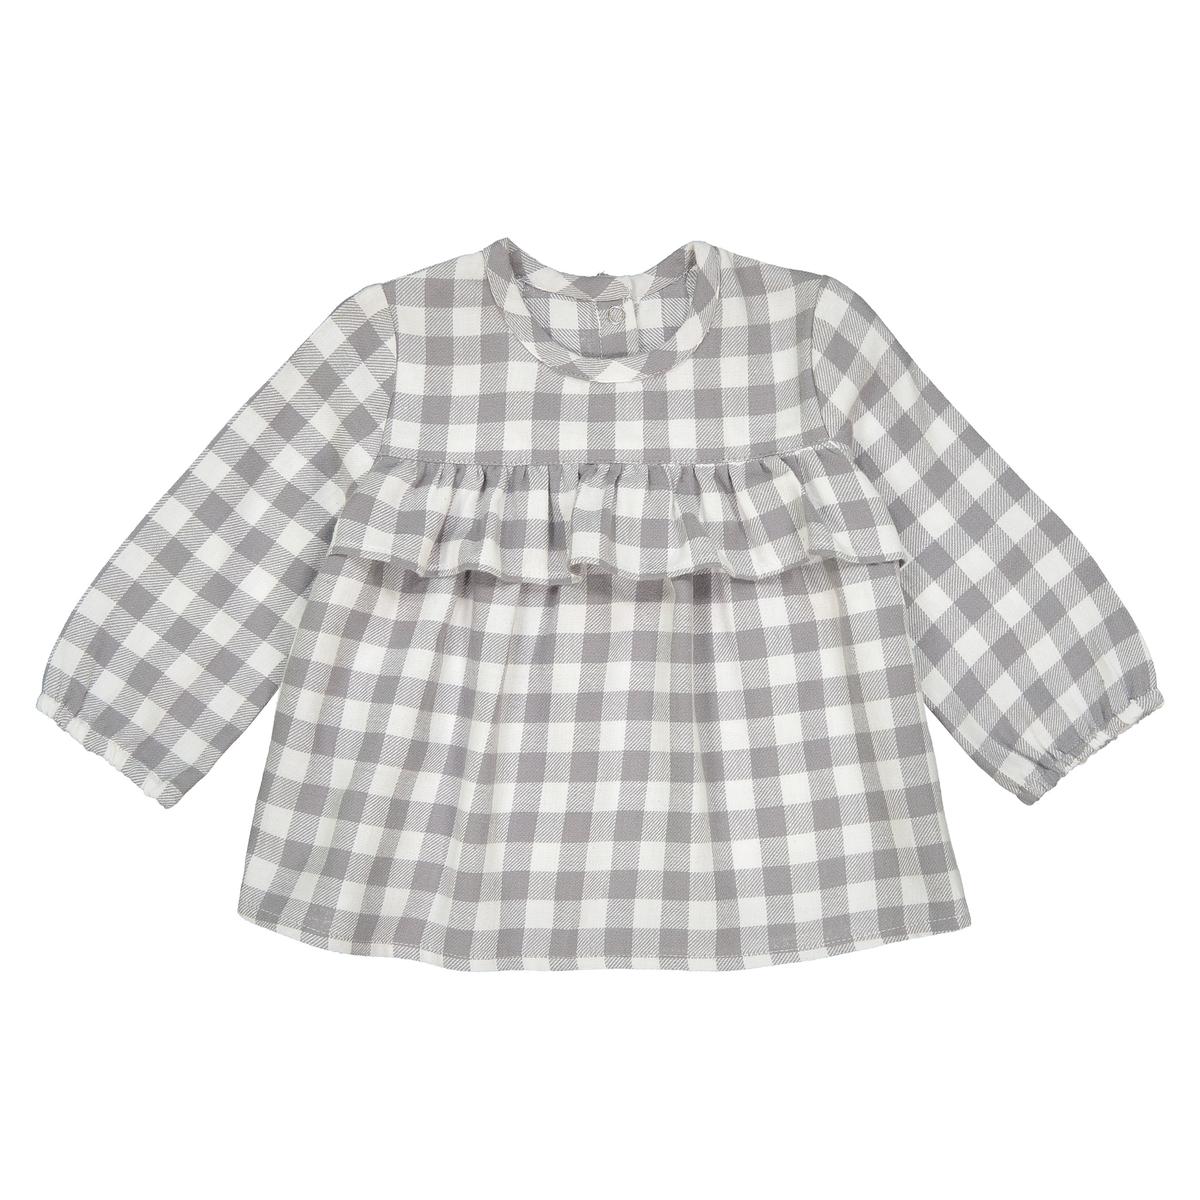 Блузка с длинными рукавами с воланами 1 мес - 3 года блузка в клетку с воланами и длинными рукавами check